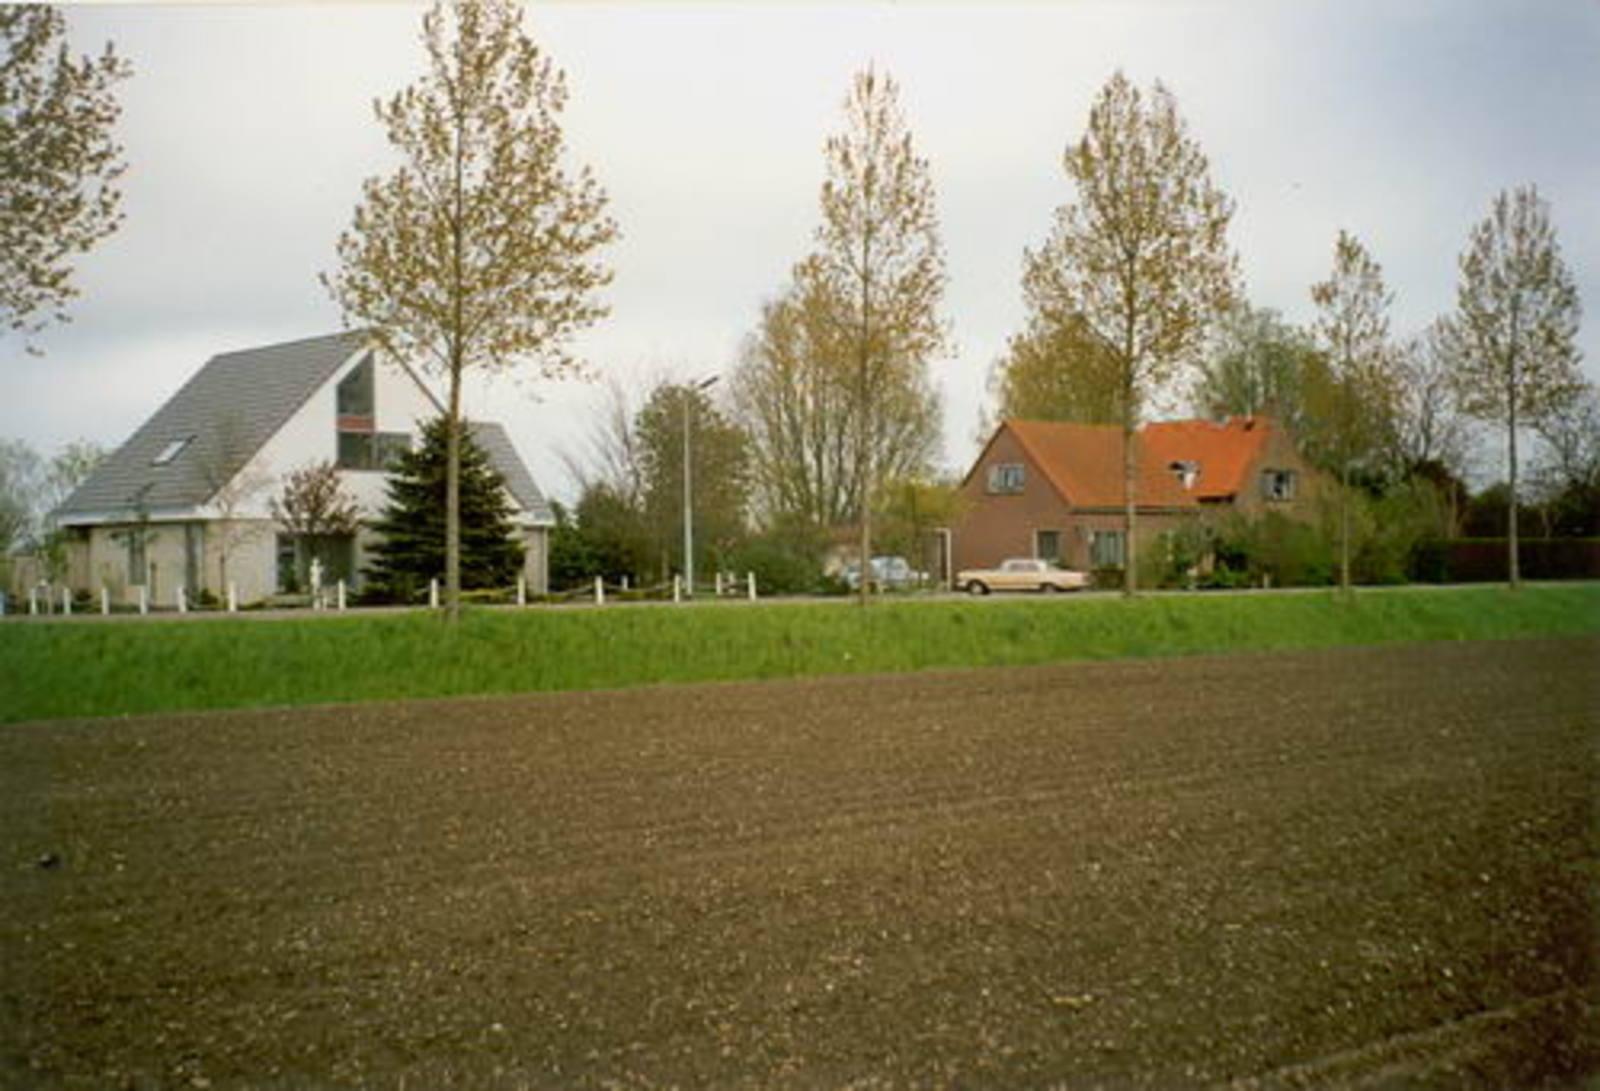 Vijfhuizerweg N 0533±-529 1999 vlak voor Sloop 01